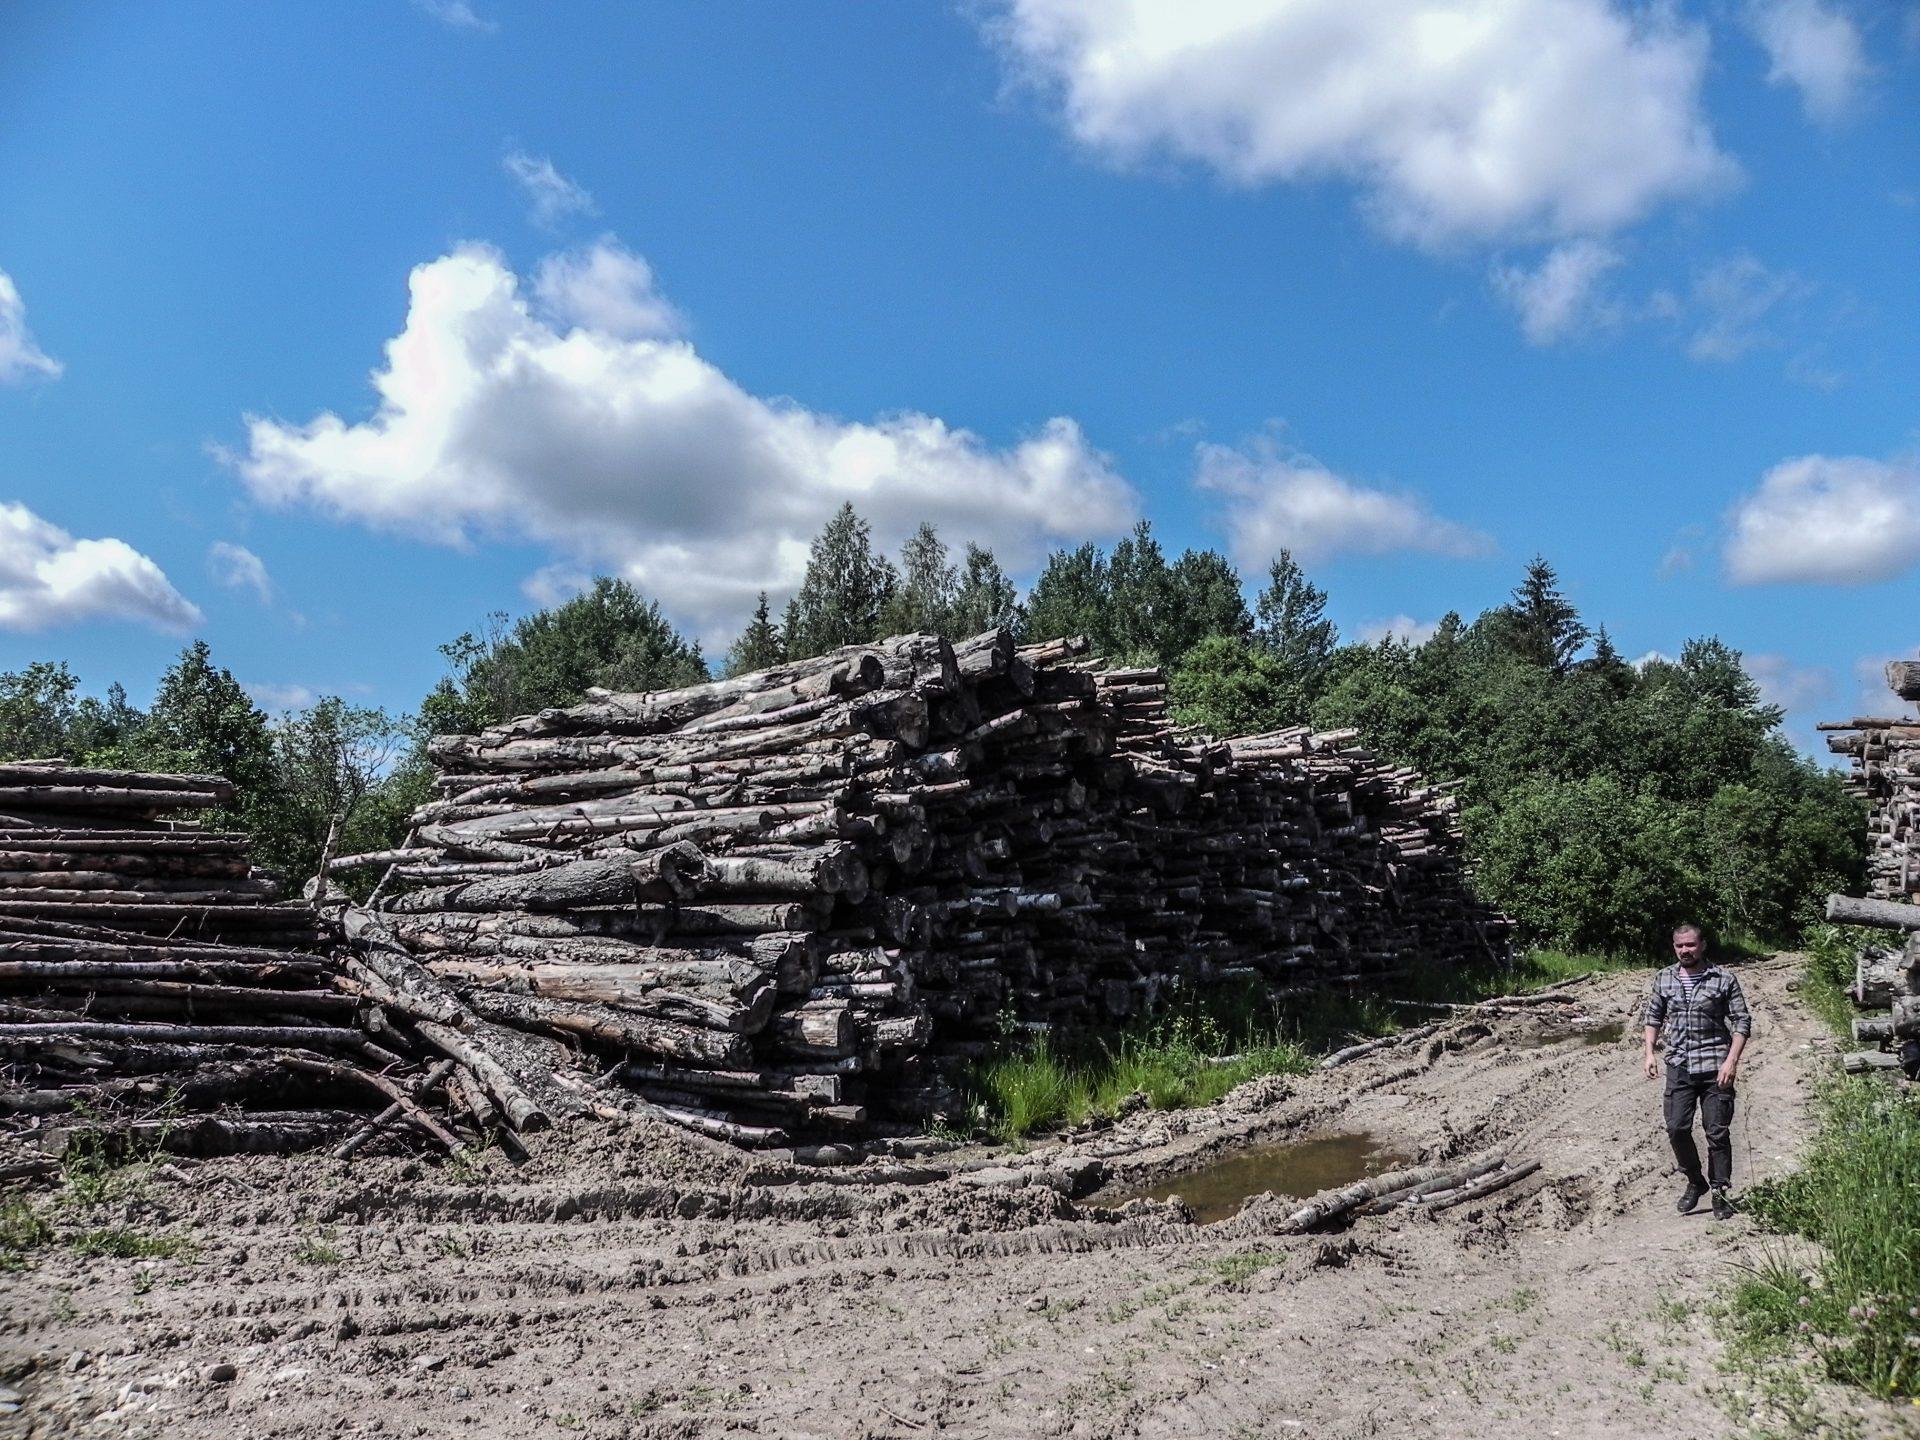 Заметка из экспедиции: лес, который никому не нужен...